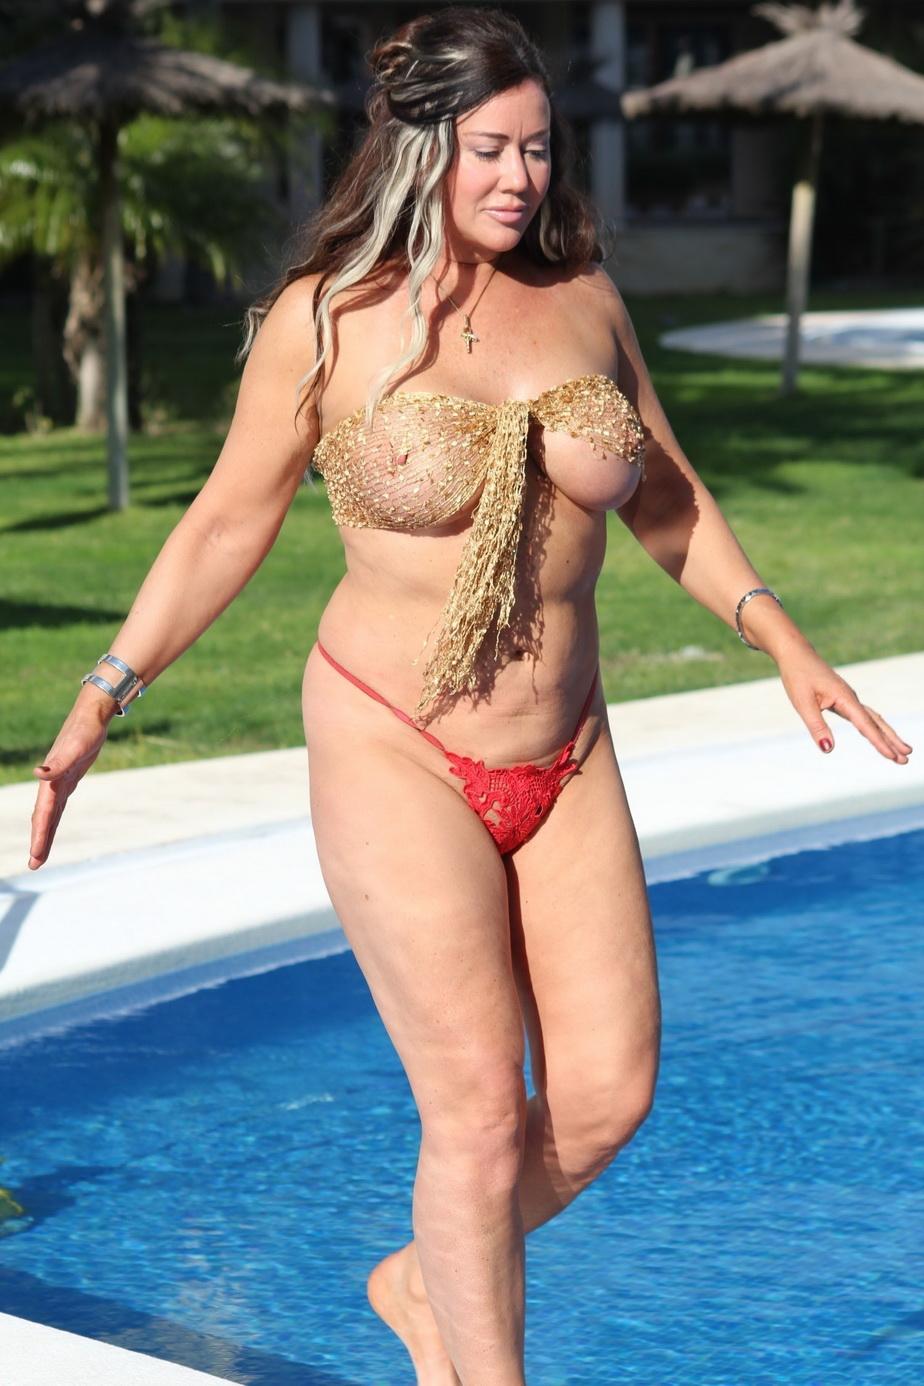 GALERIE FOTO Exerciţii fizice la piscină cu grăsuţa Lisa Appleton